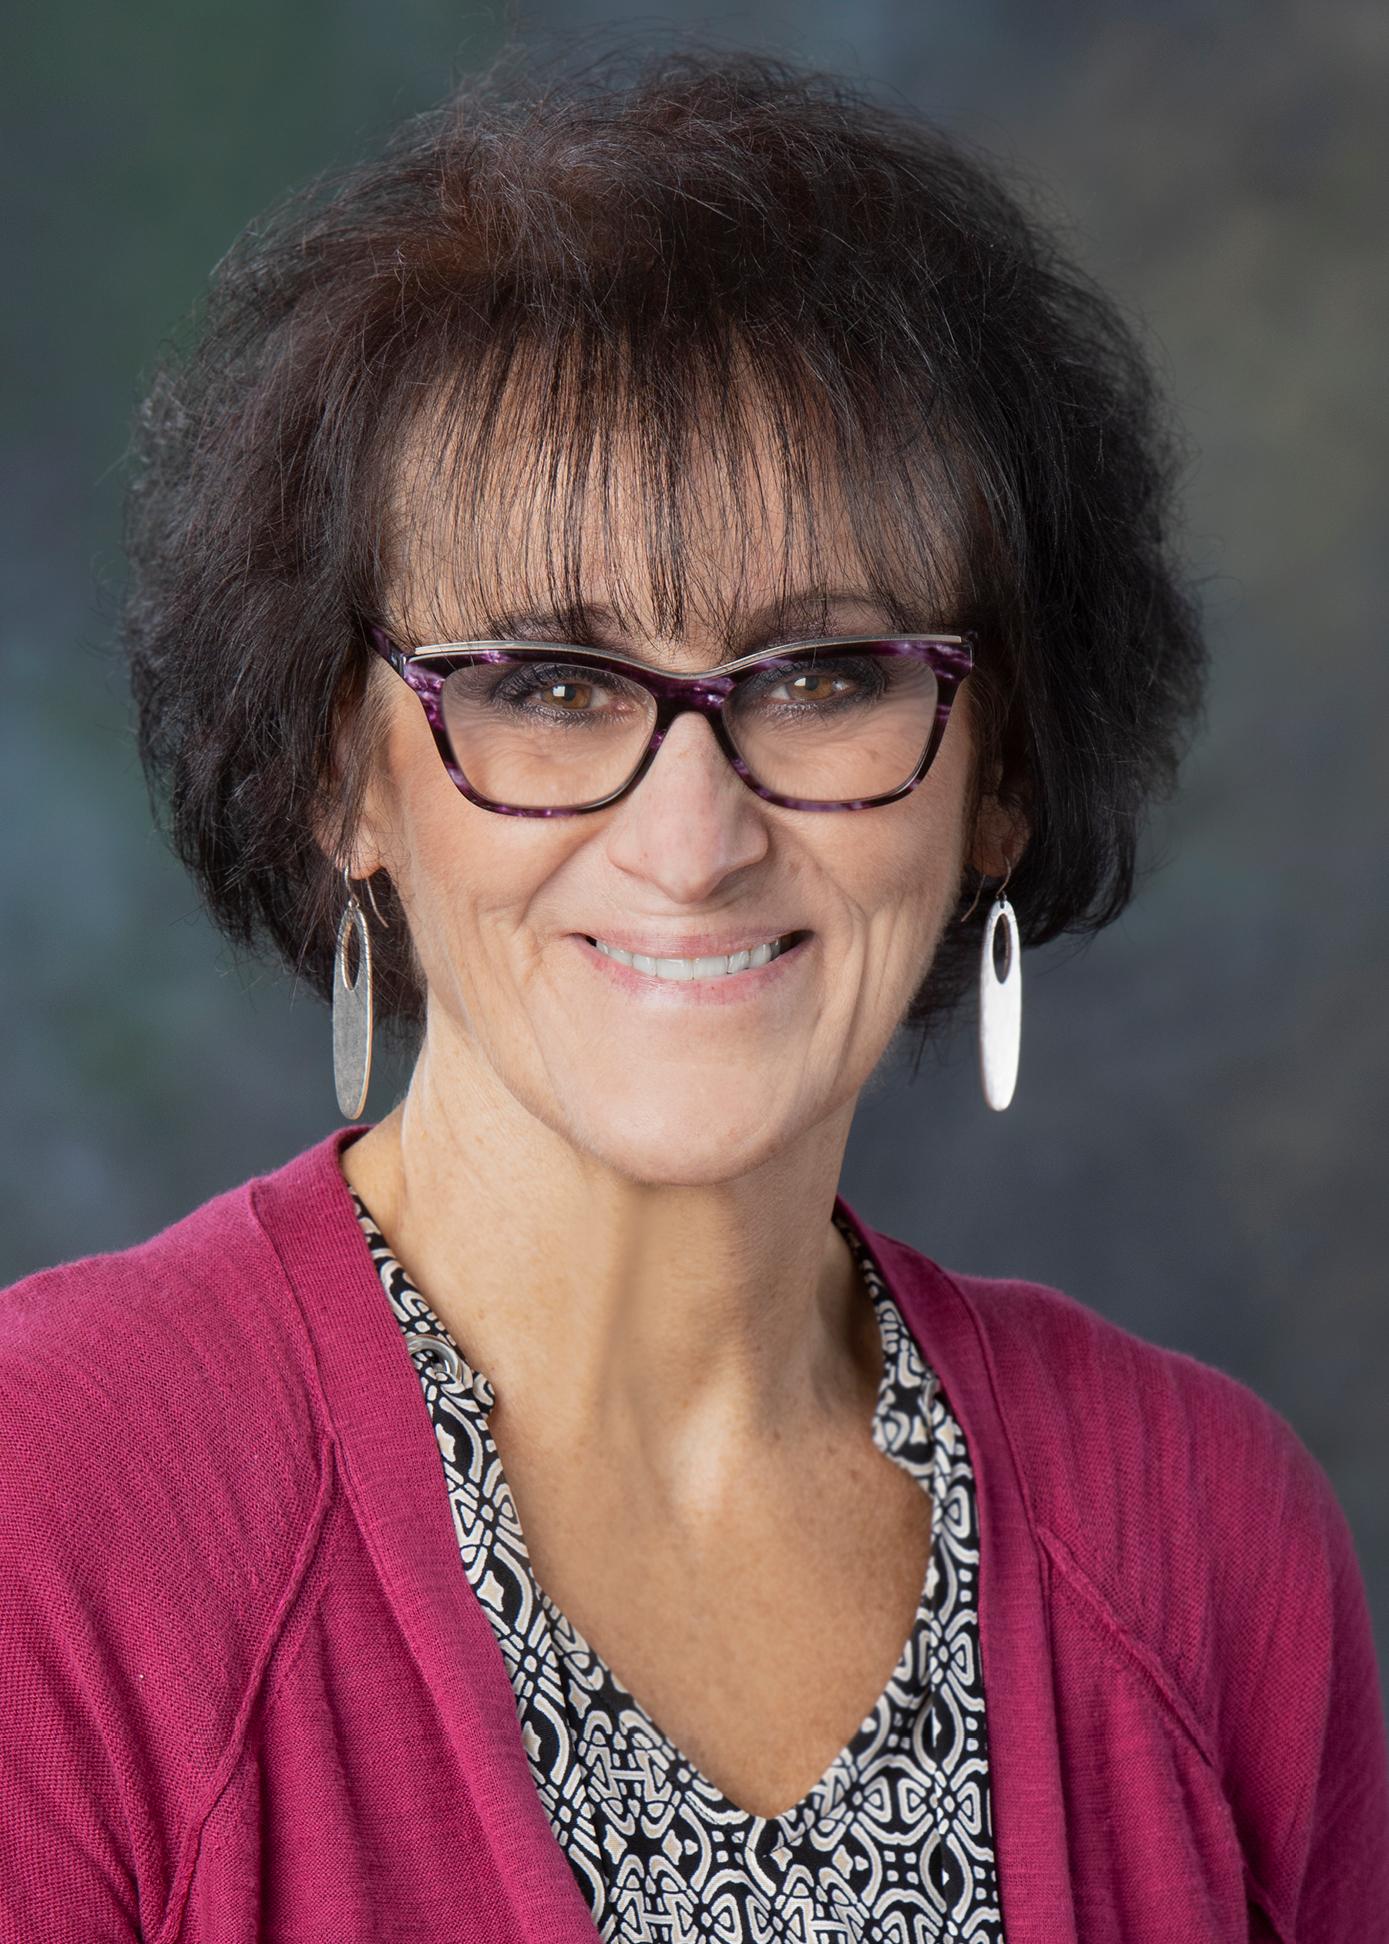 MariLou Franczkowski